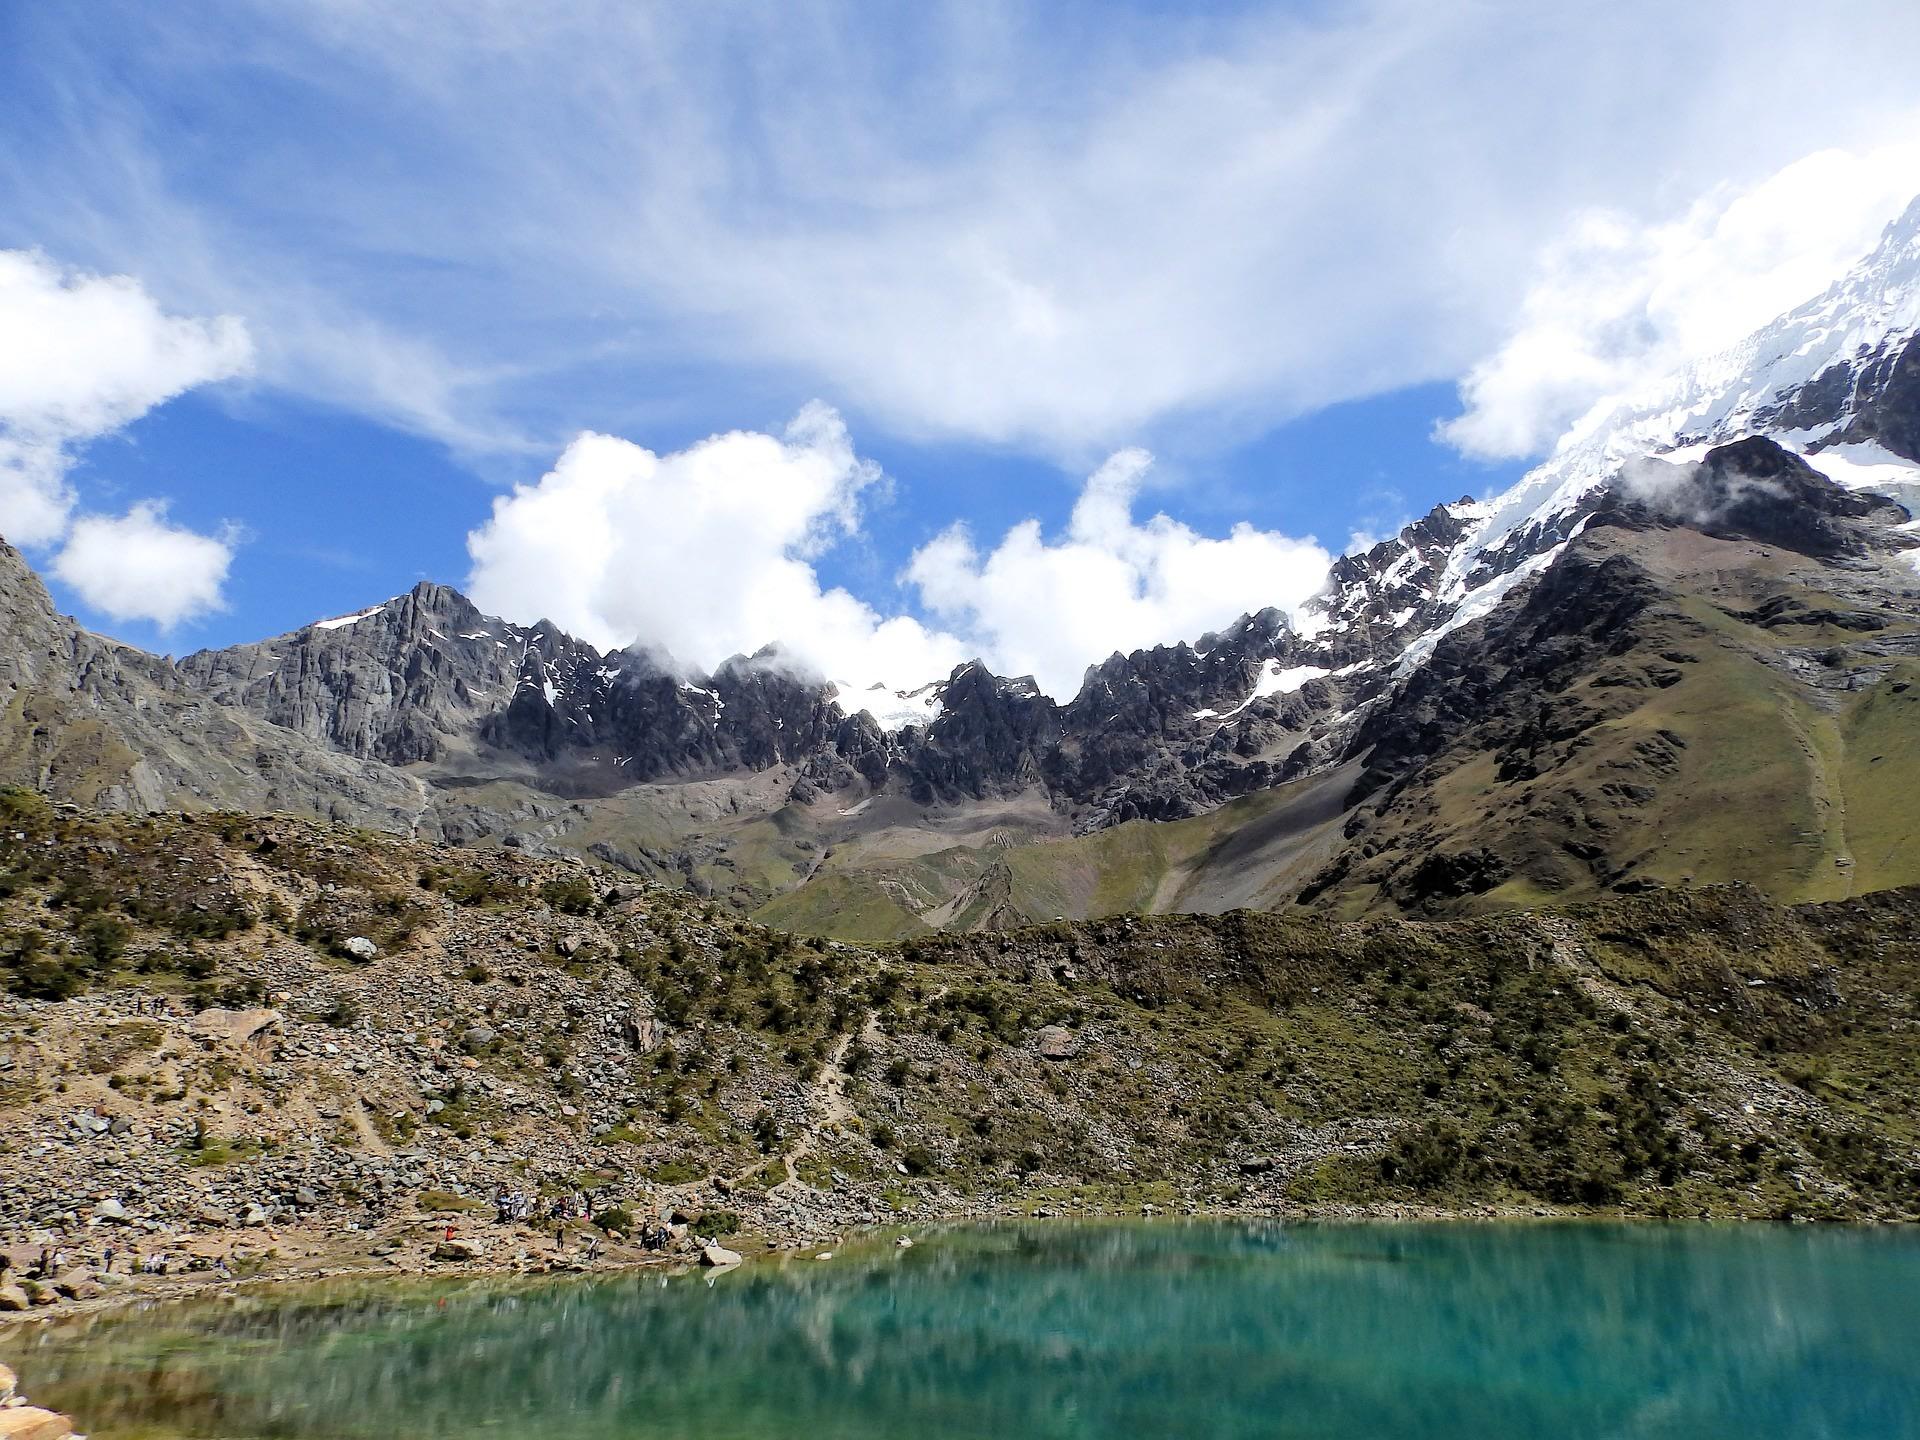 Visit Humantay, sits snugly between Humantay Mountain and Salkantay Mountain